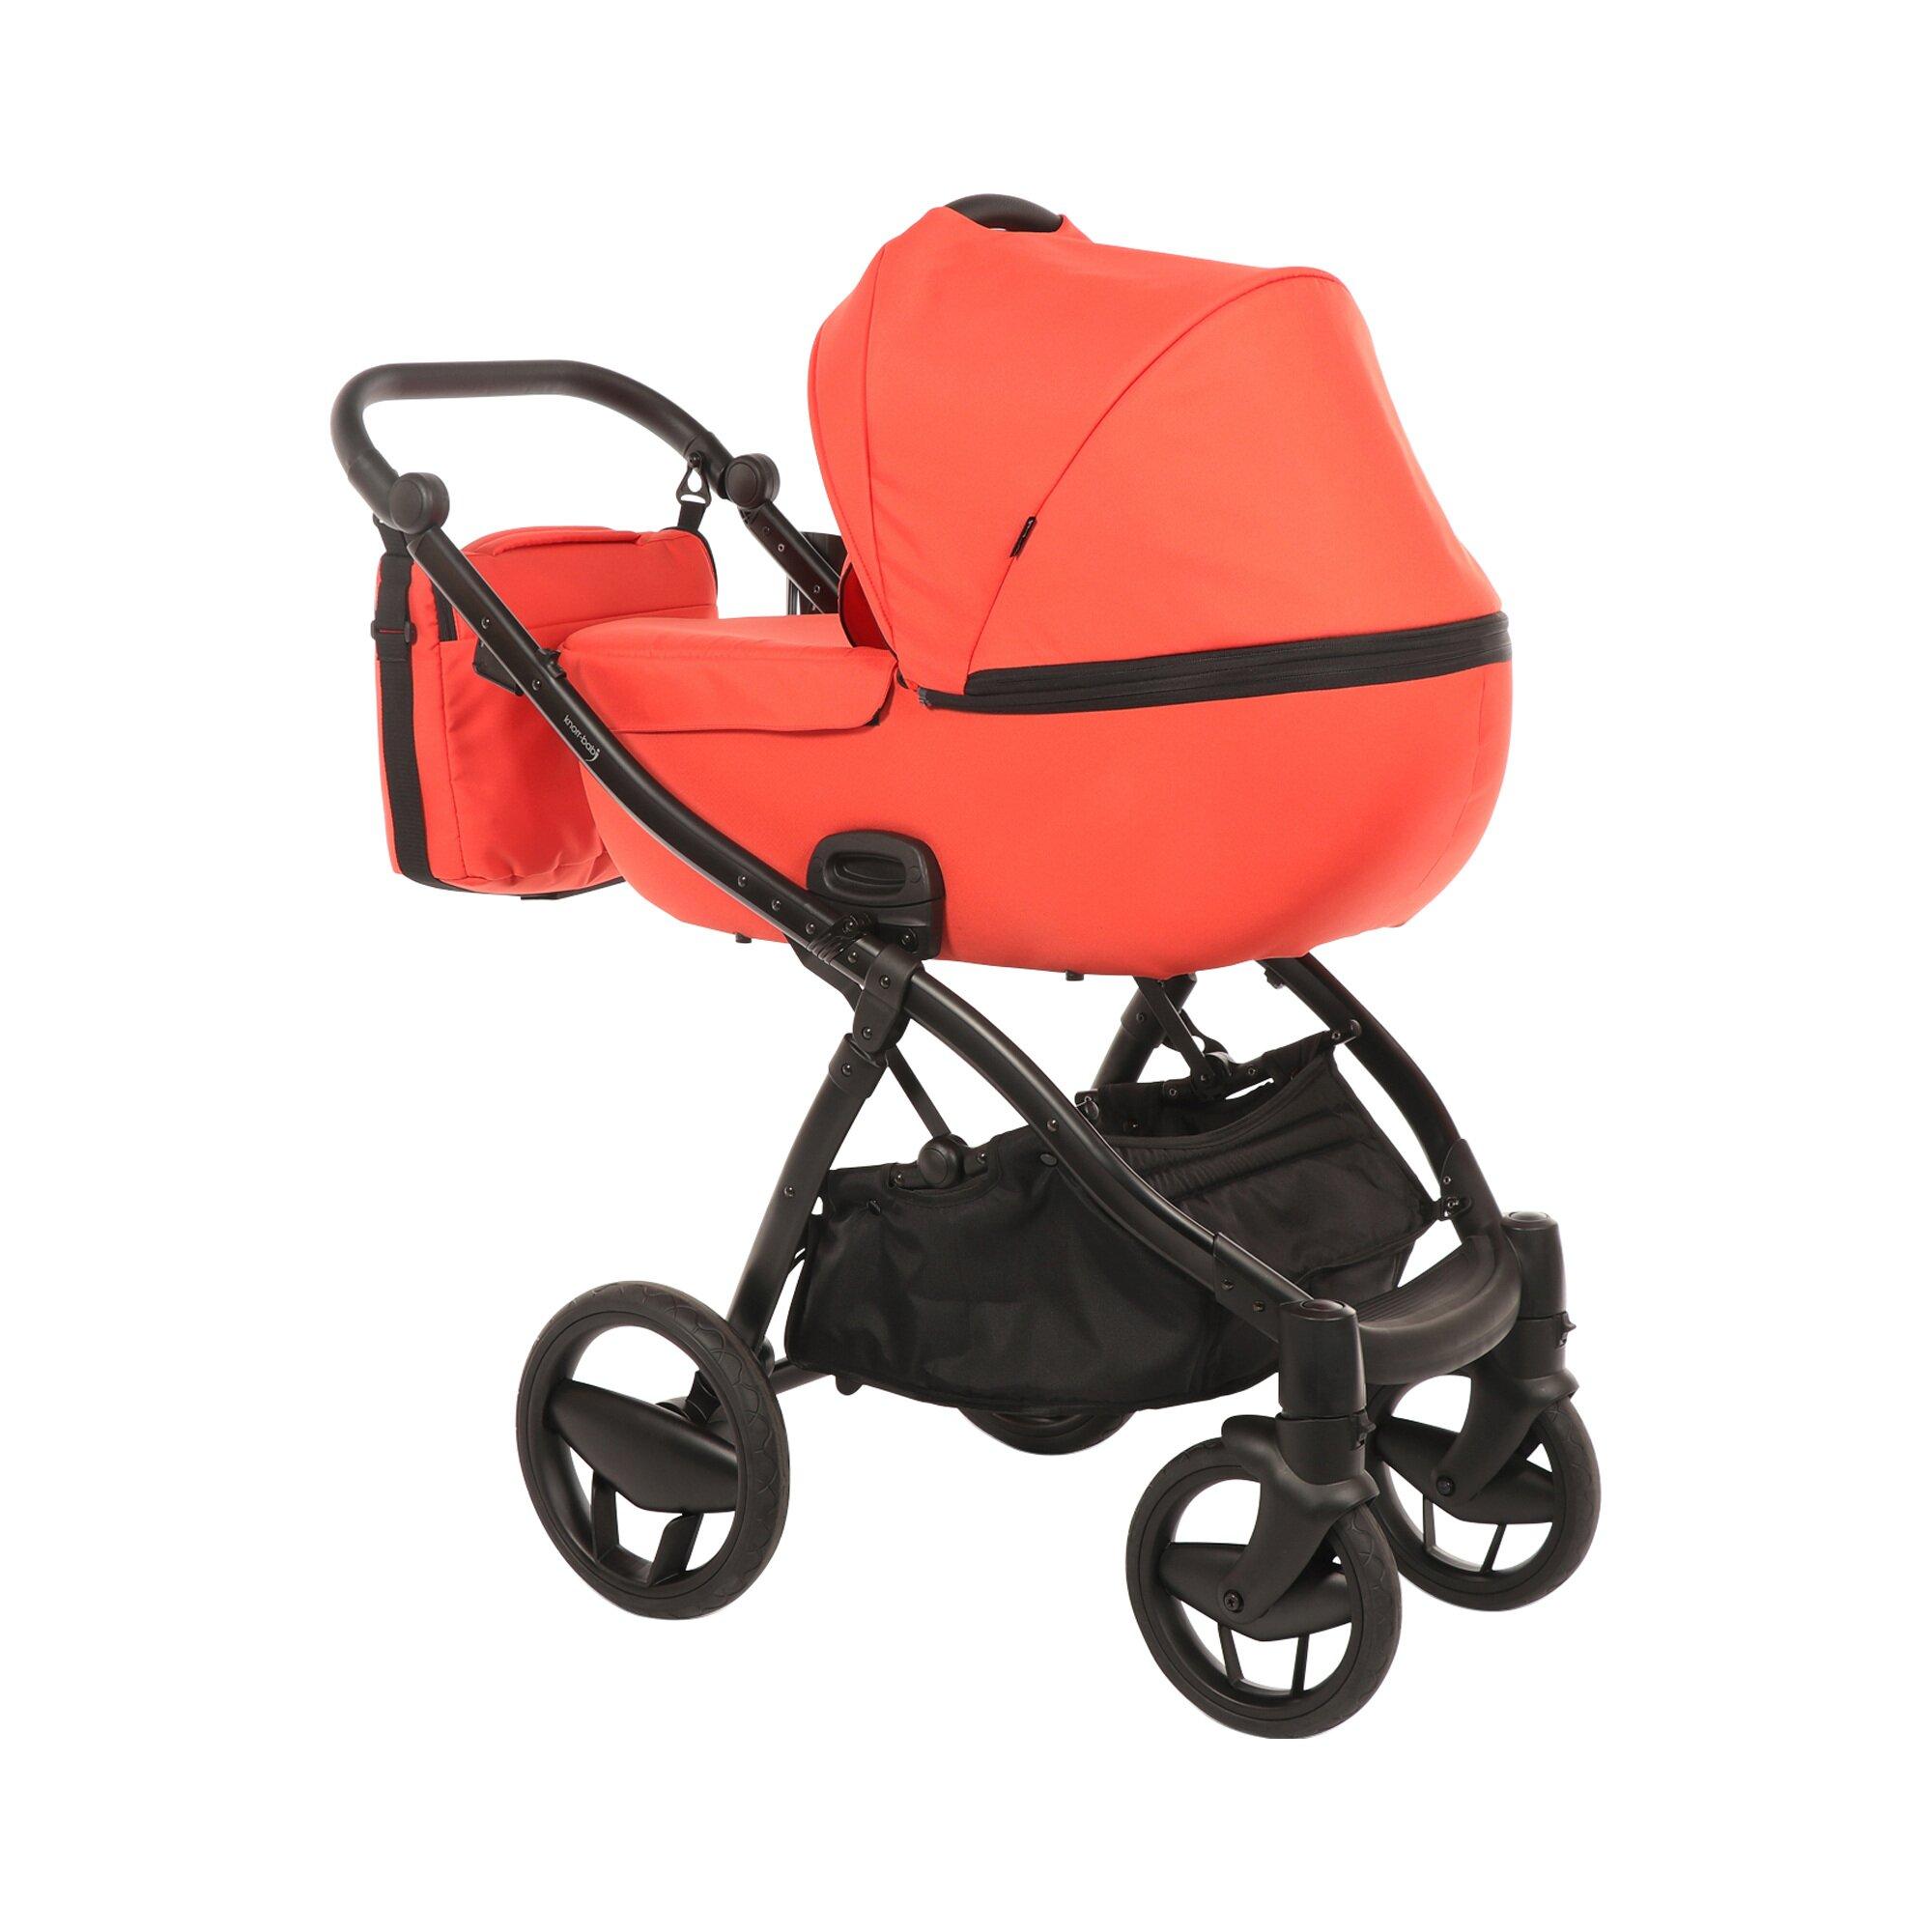 knorr-baby-piquetto-kombikinderwagen-orange